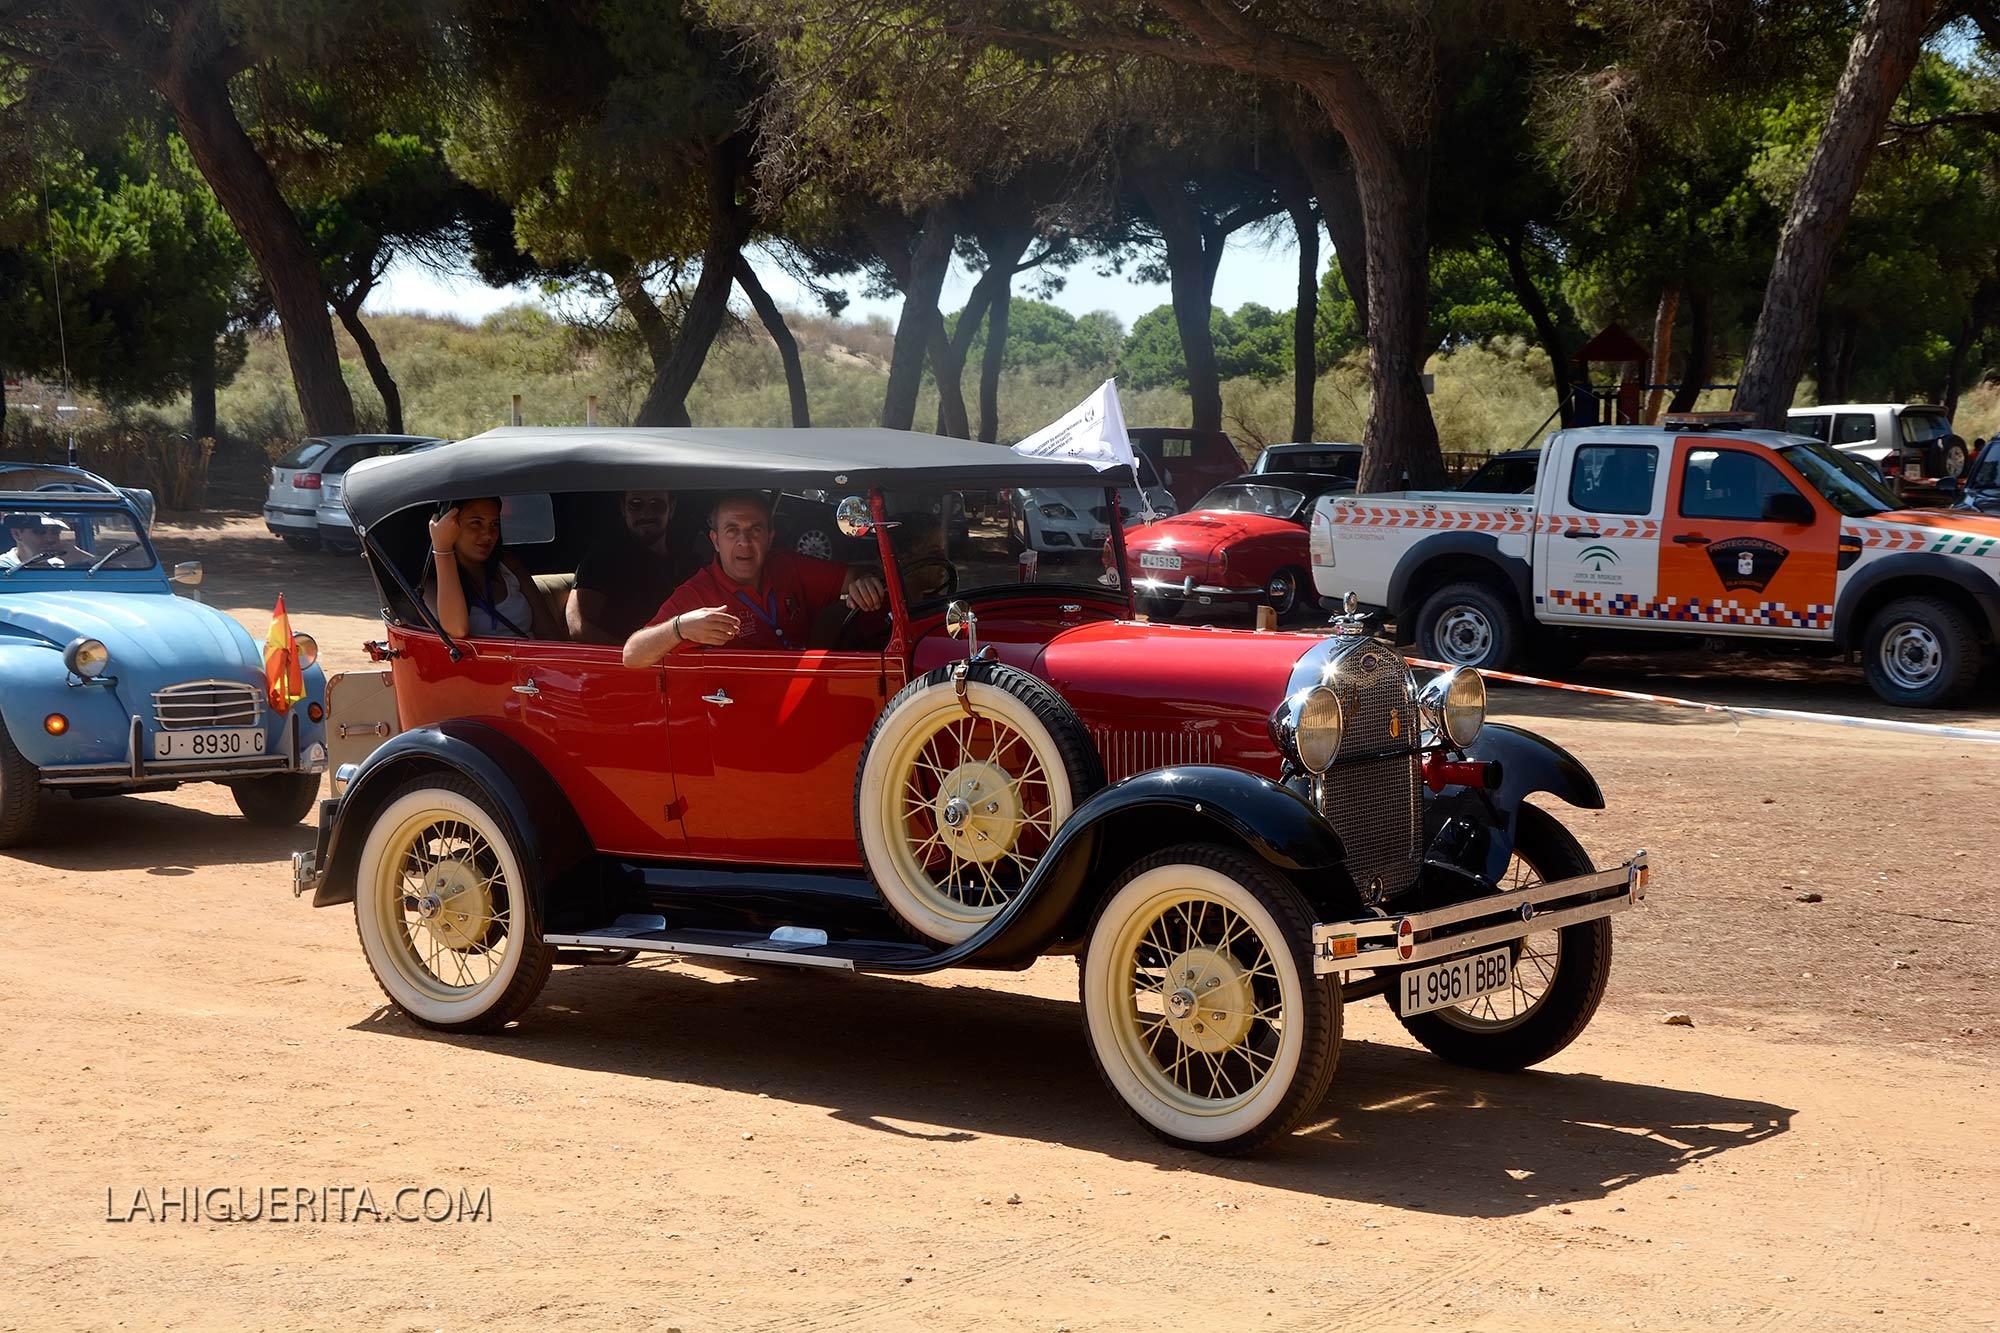 vehiculos-clasicos-3